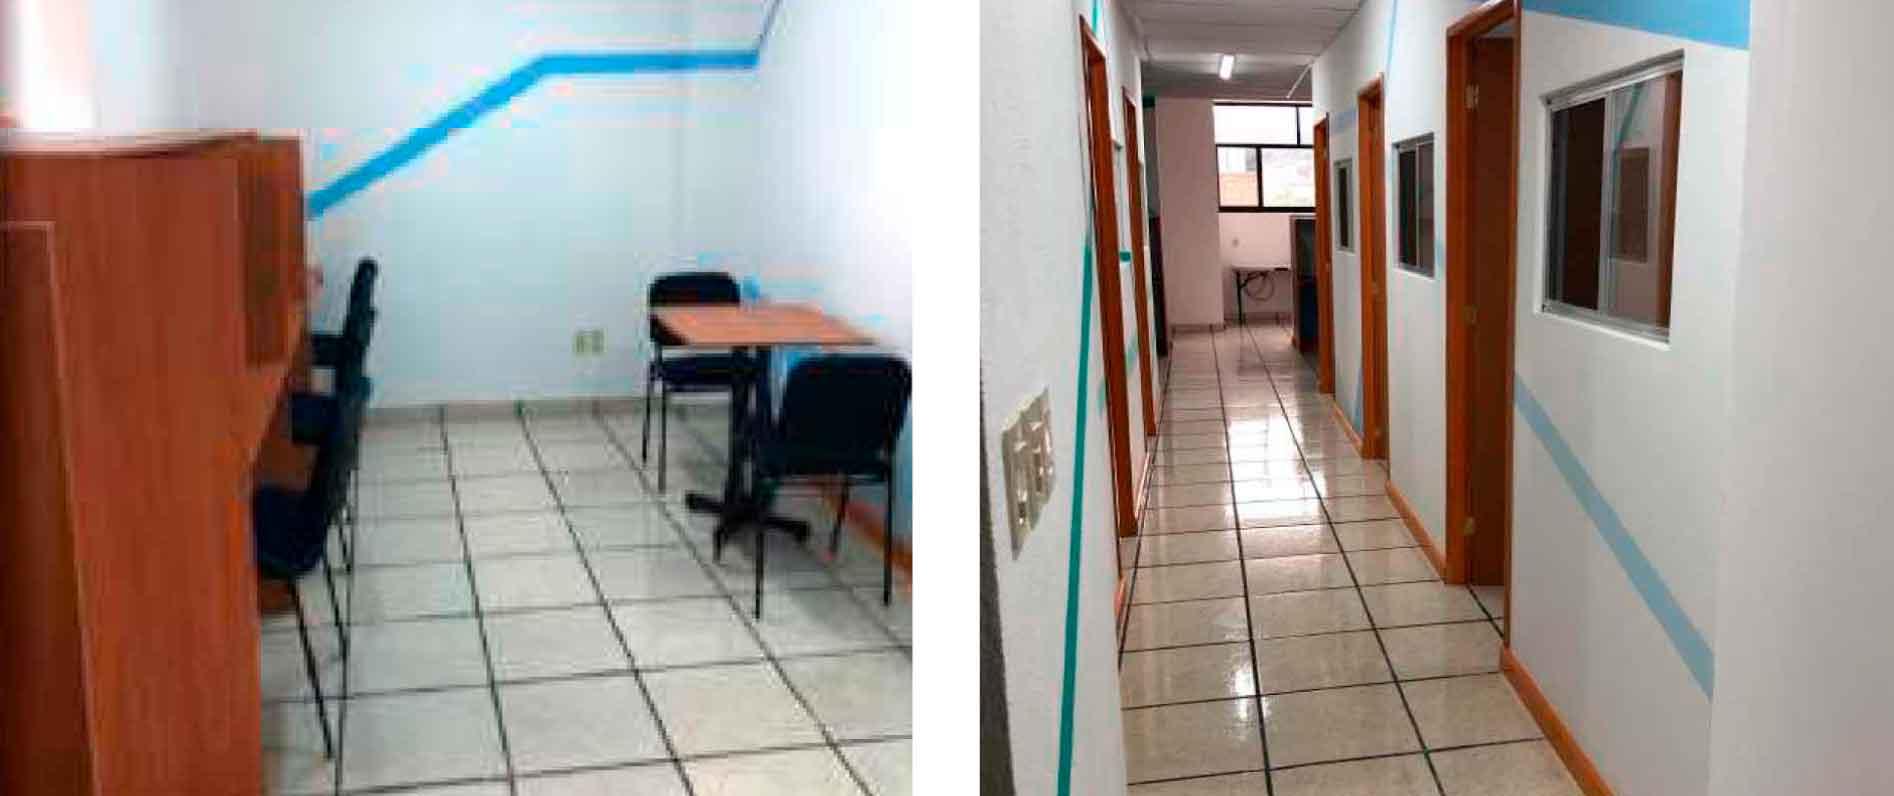 ESPACIO EN RENTA EN AV. UNIVERSIDAD, MORELIA